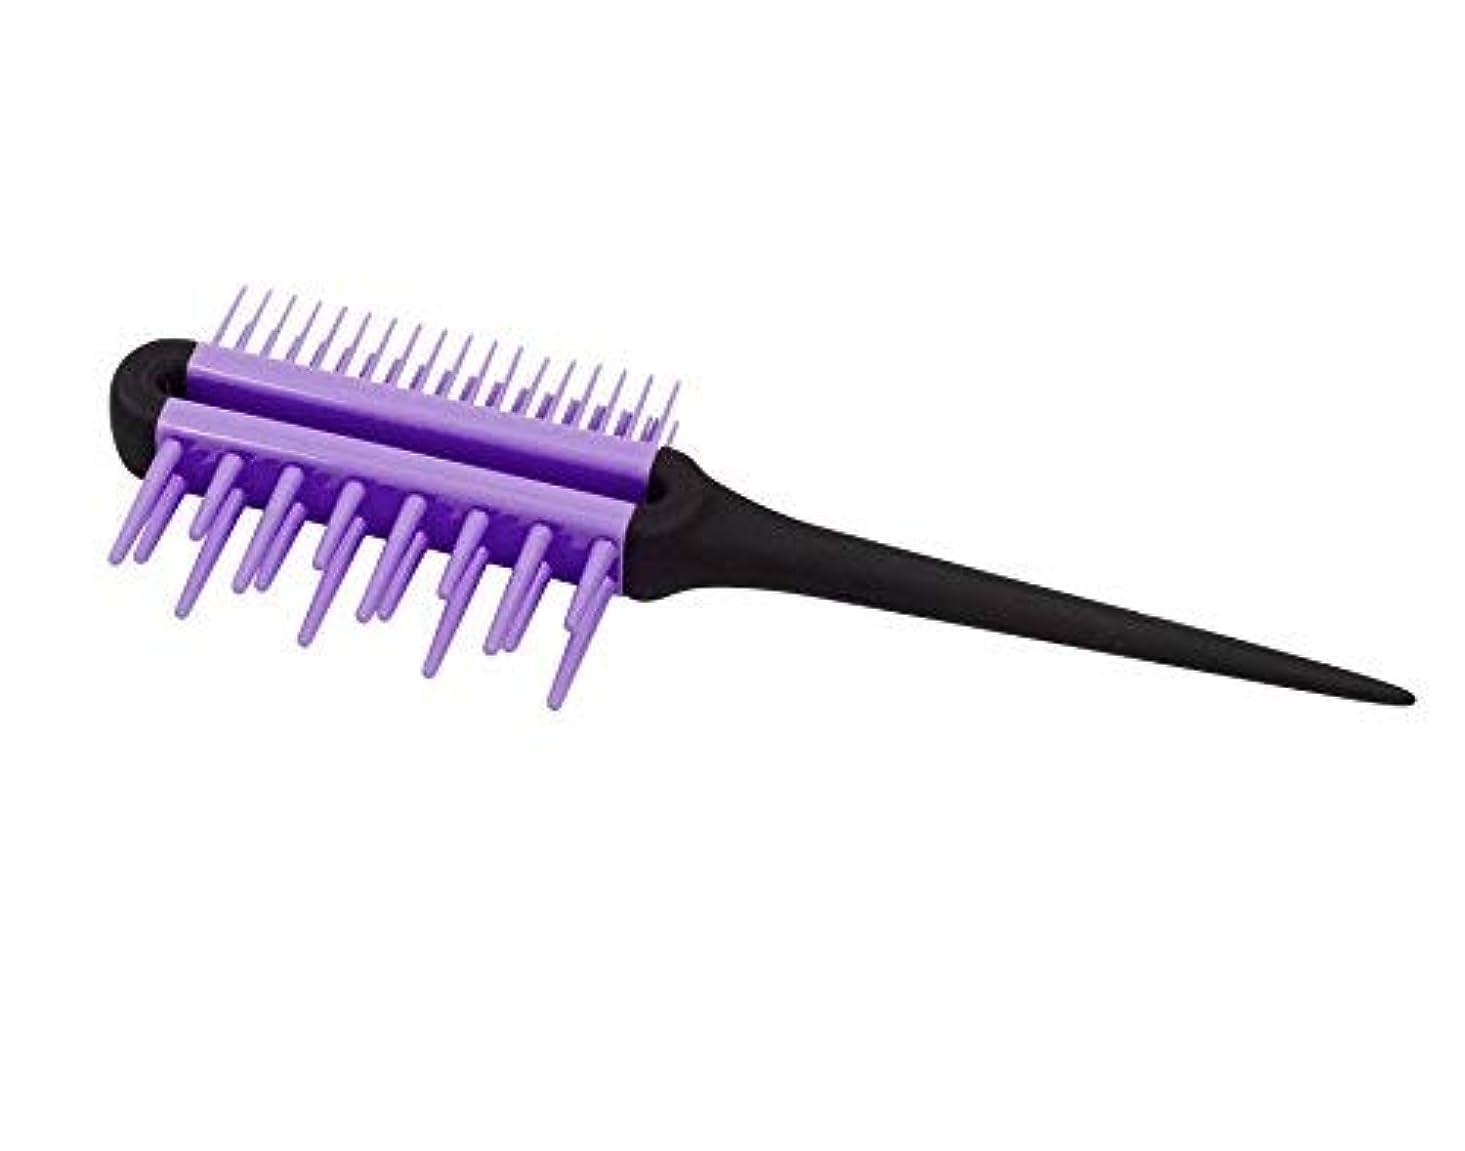 鍔賛辞勧めるSwissco Pro All-In-One Comb, Purple, 2-pack [並行輸入品]